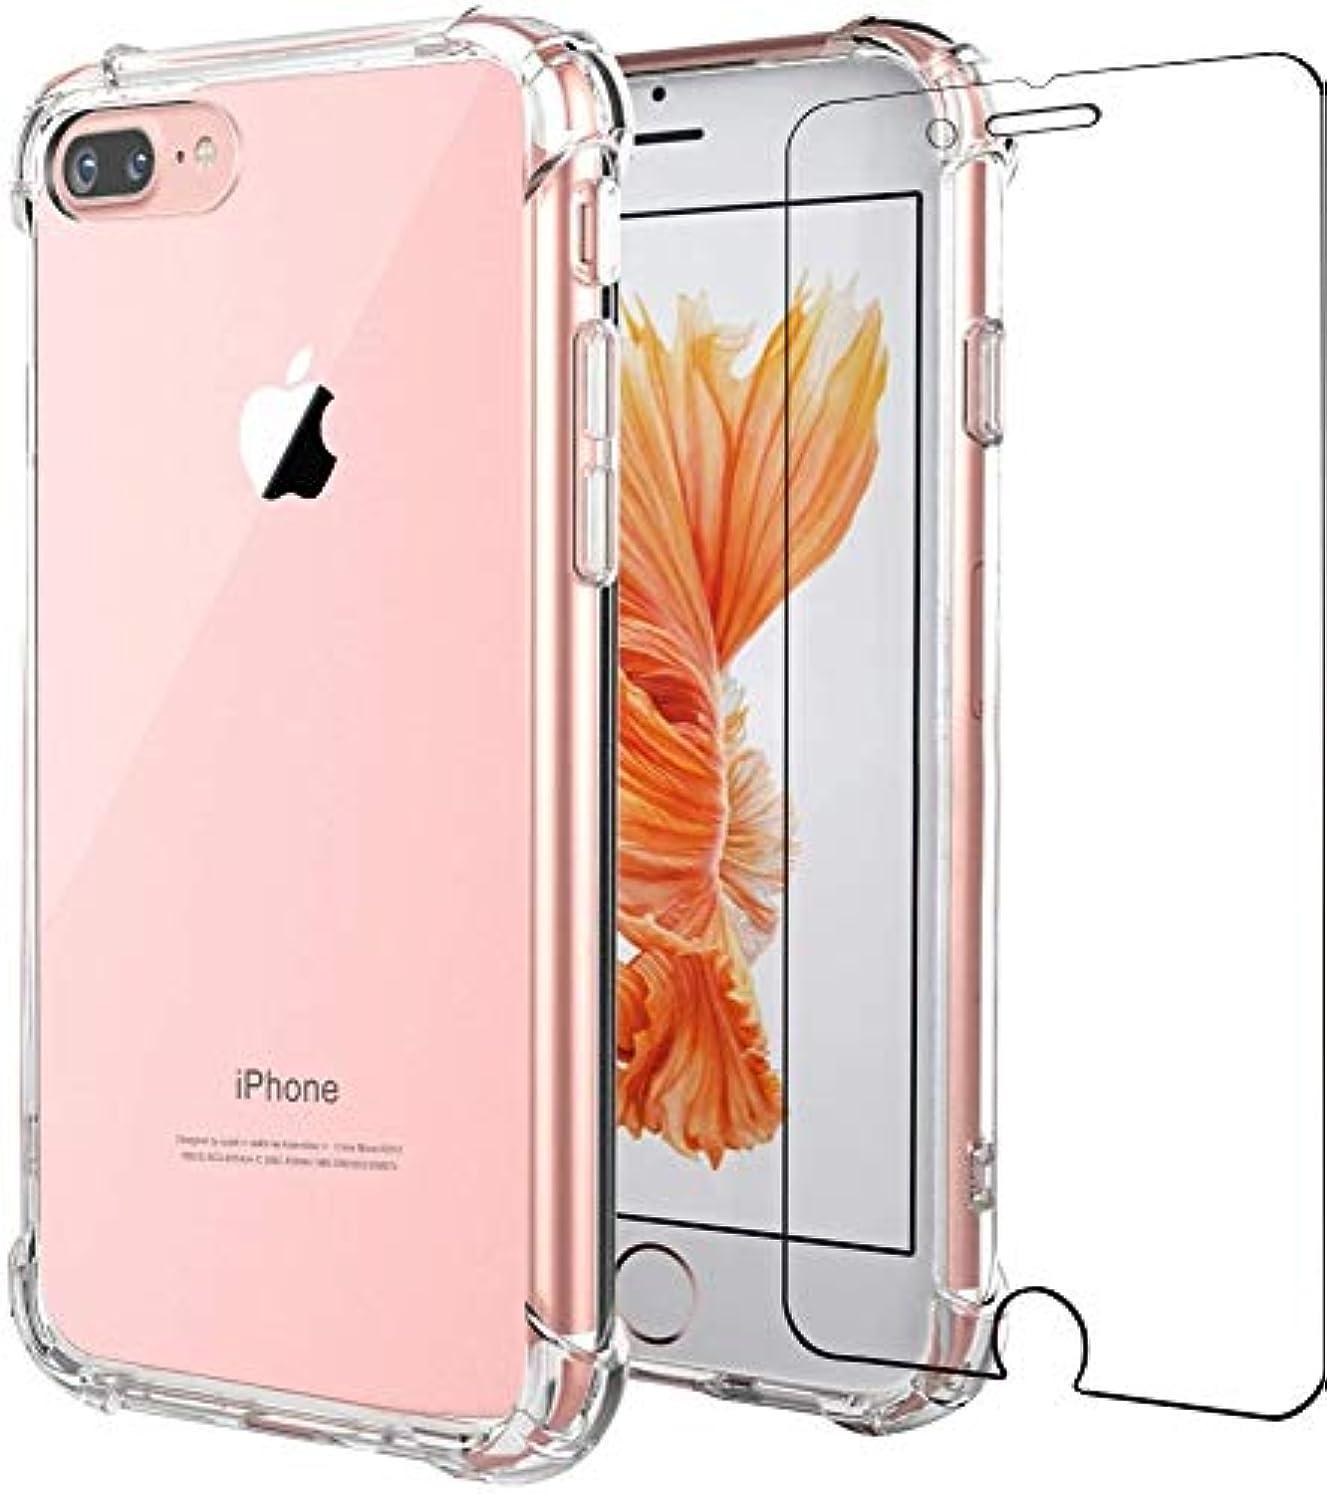 石膏箱マエストロFolmeikat iPhone 8 Plus ケース、iPhone 7 Plus ケース、ケース スクリーン プロテクター スリム ショック 吸収 強化 コーナー ソフト TPU シリコーン クリア ケース 5.5